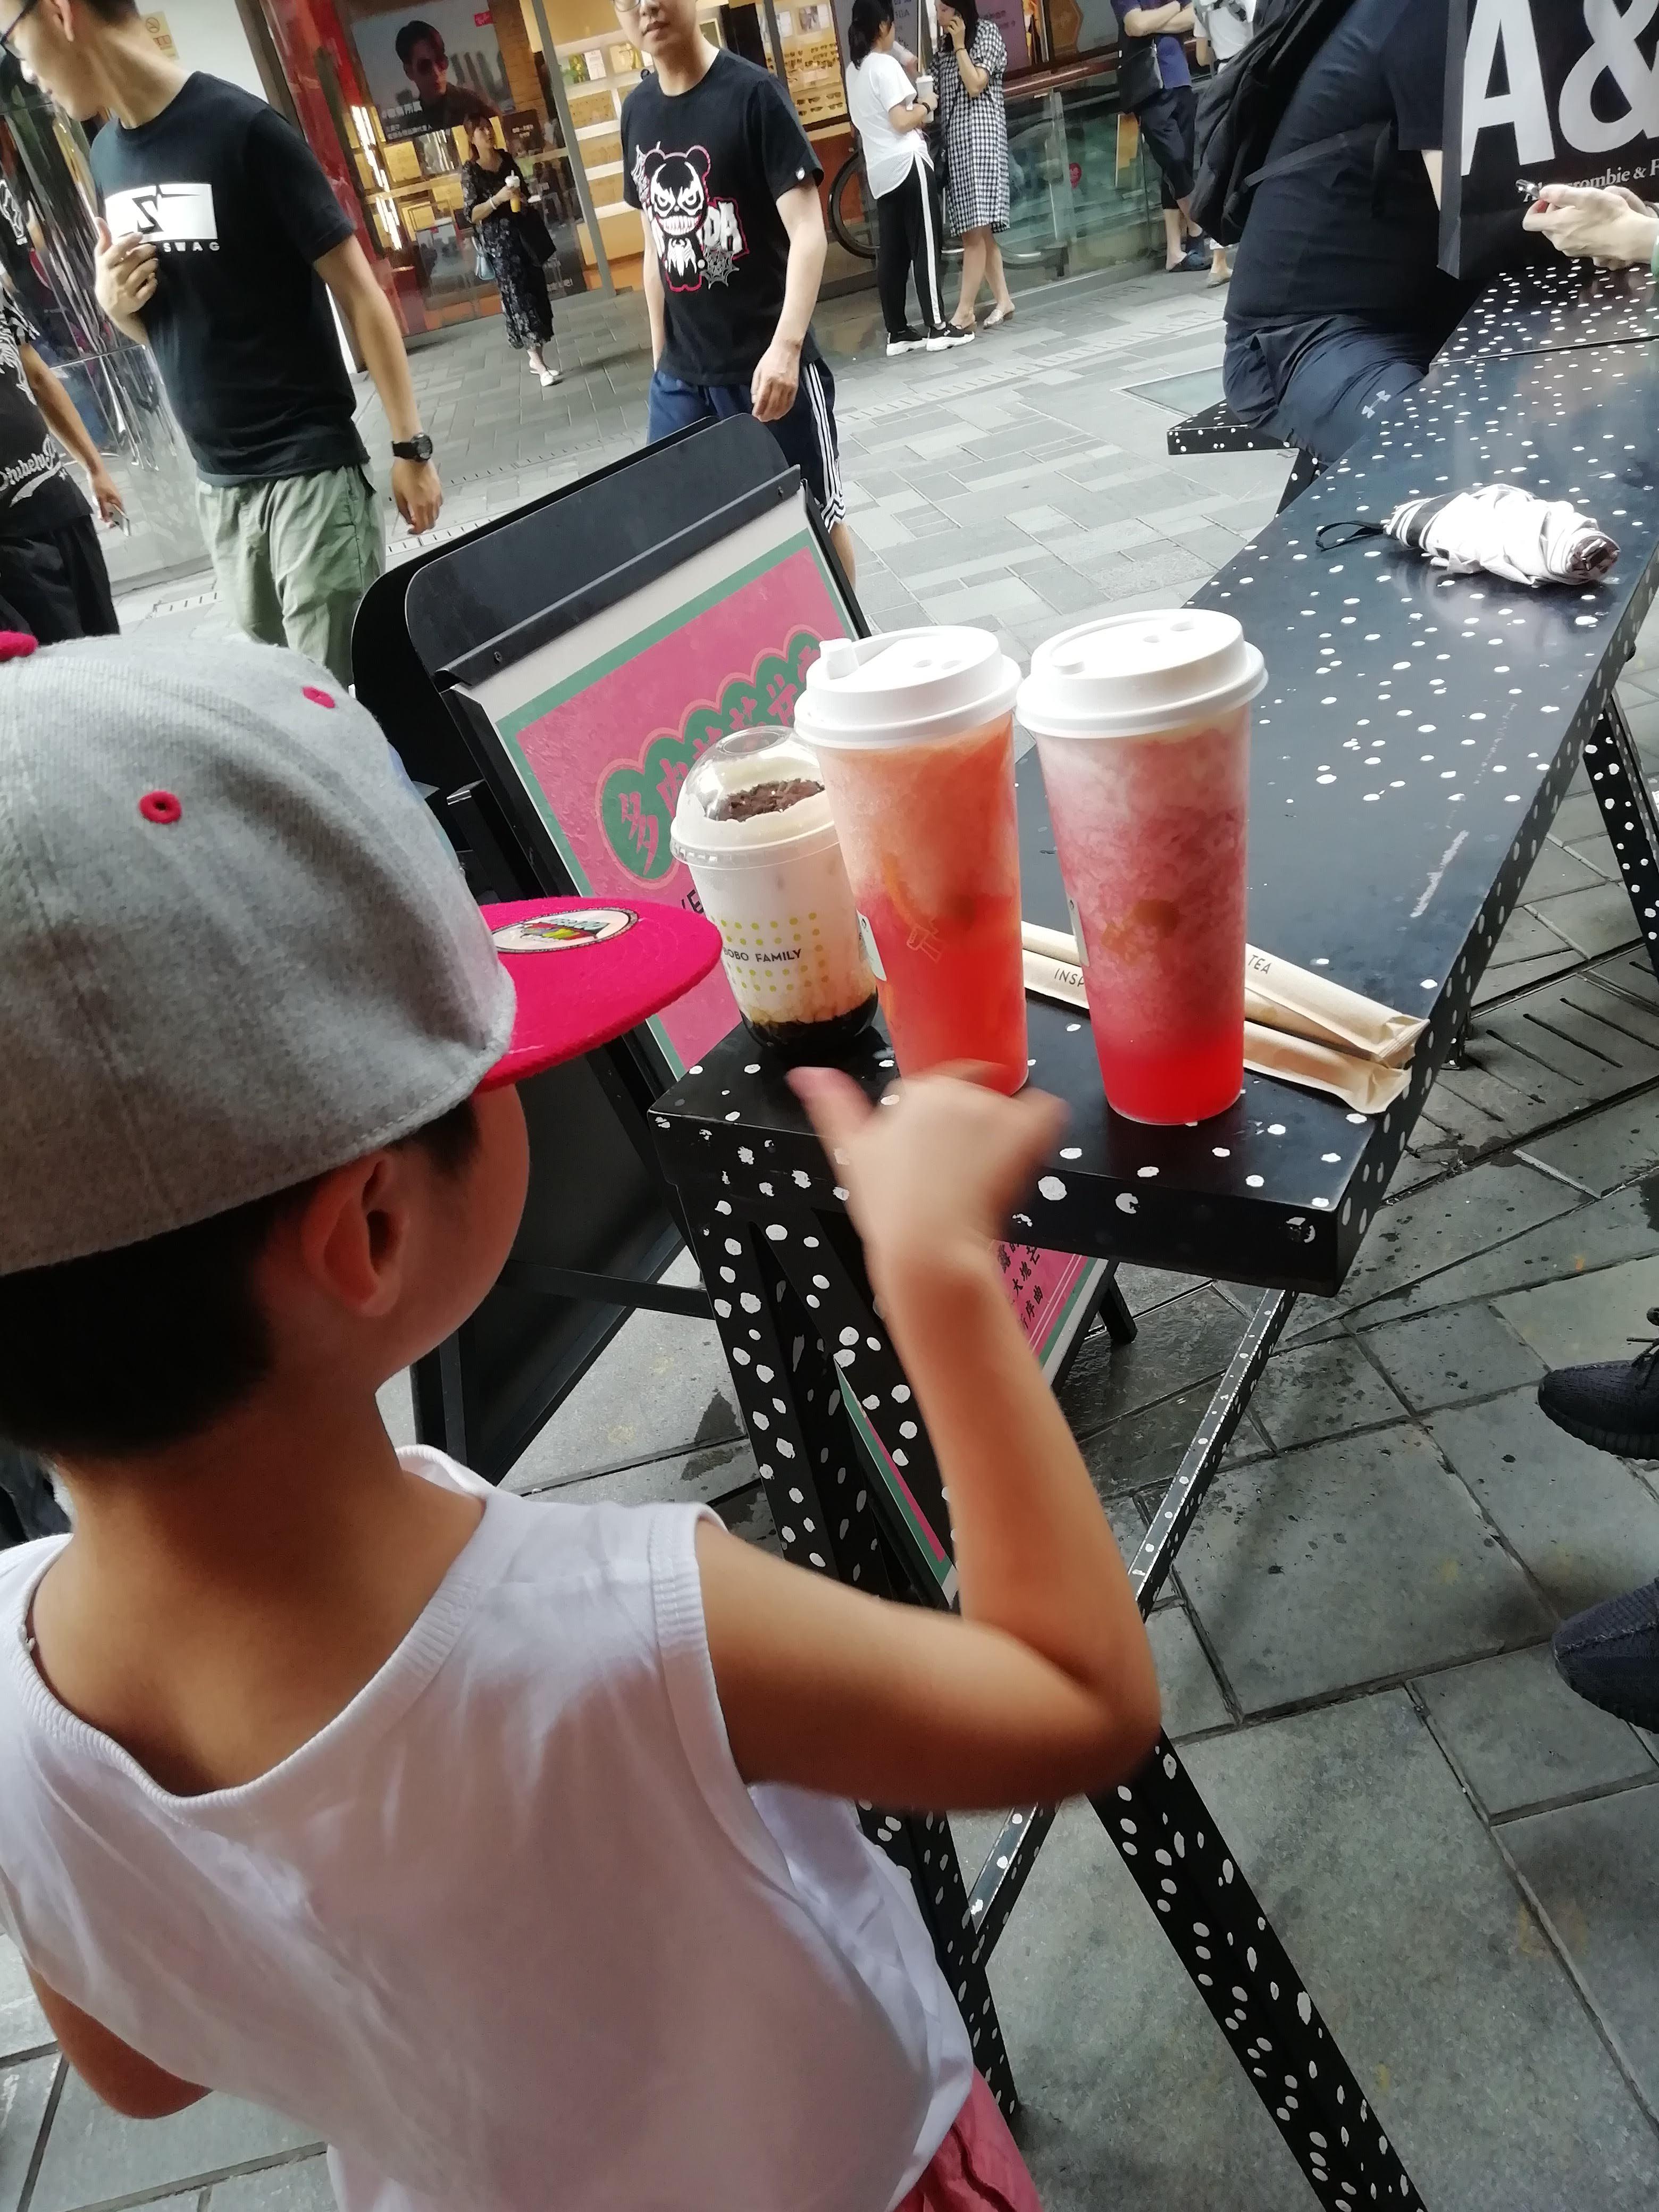 はやりのドリンクスタンド。日本ではタピオカミルクティーばかりはやっていますが、私は果物茶(といっても茶葉ははいっていません)のほうがフルーティで好きです。